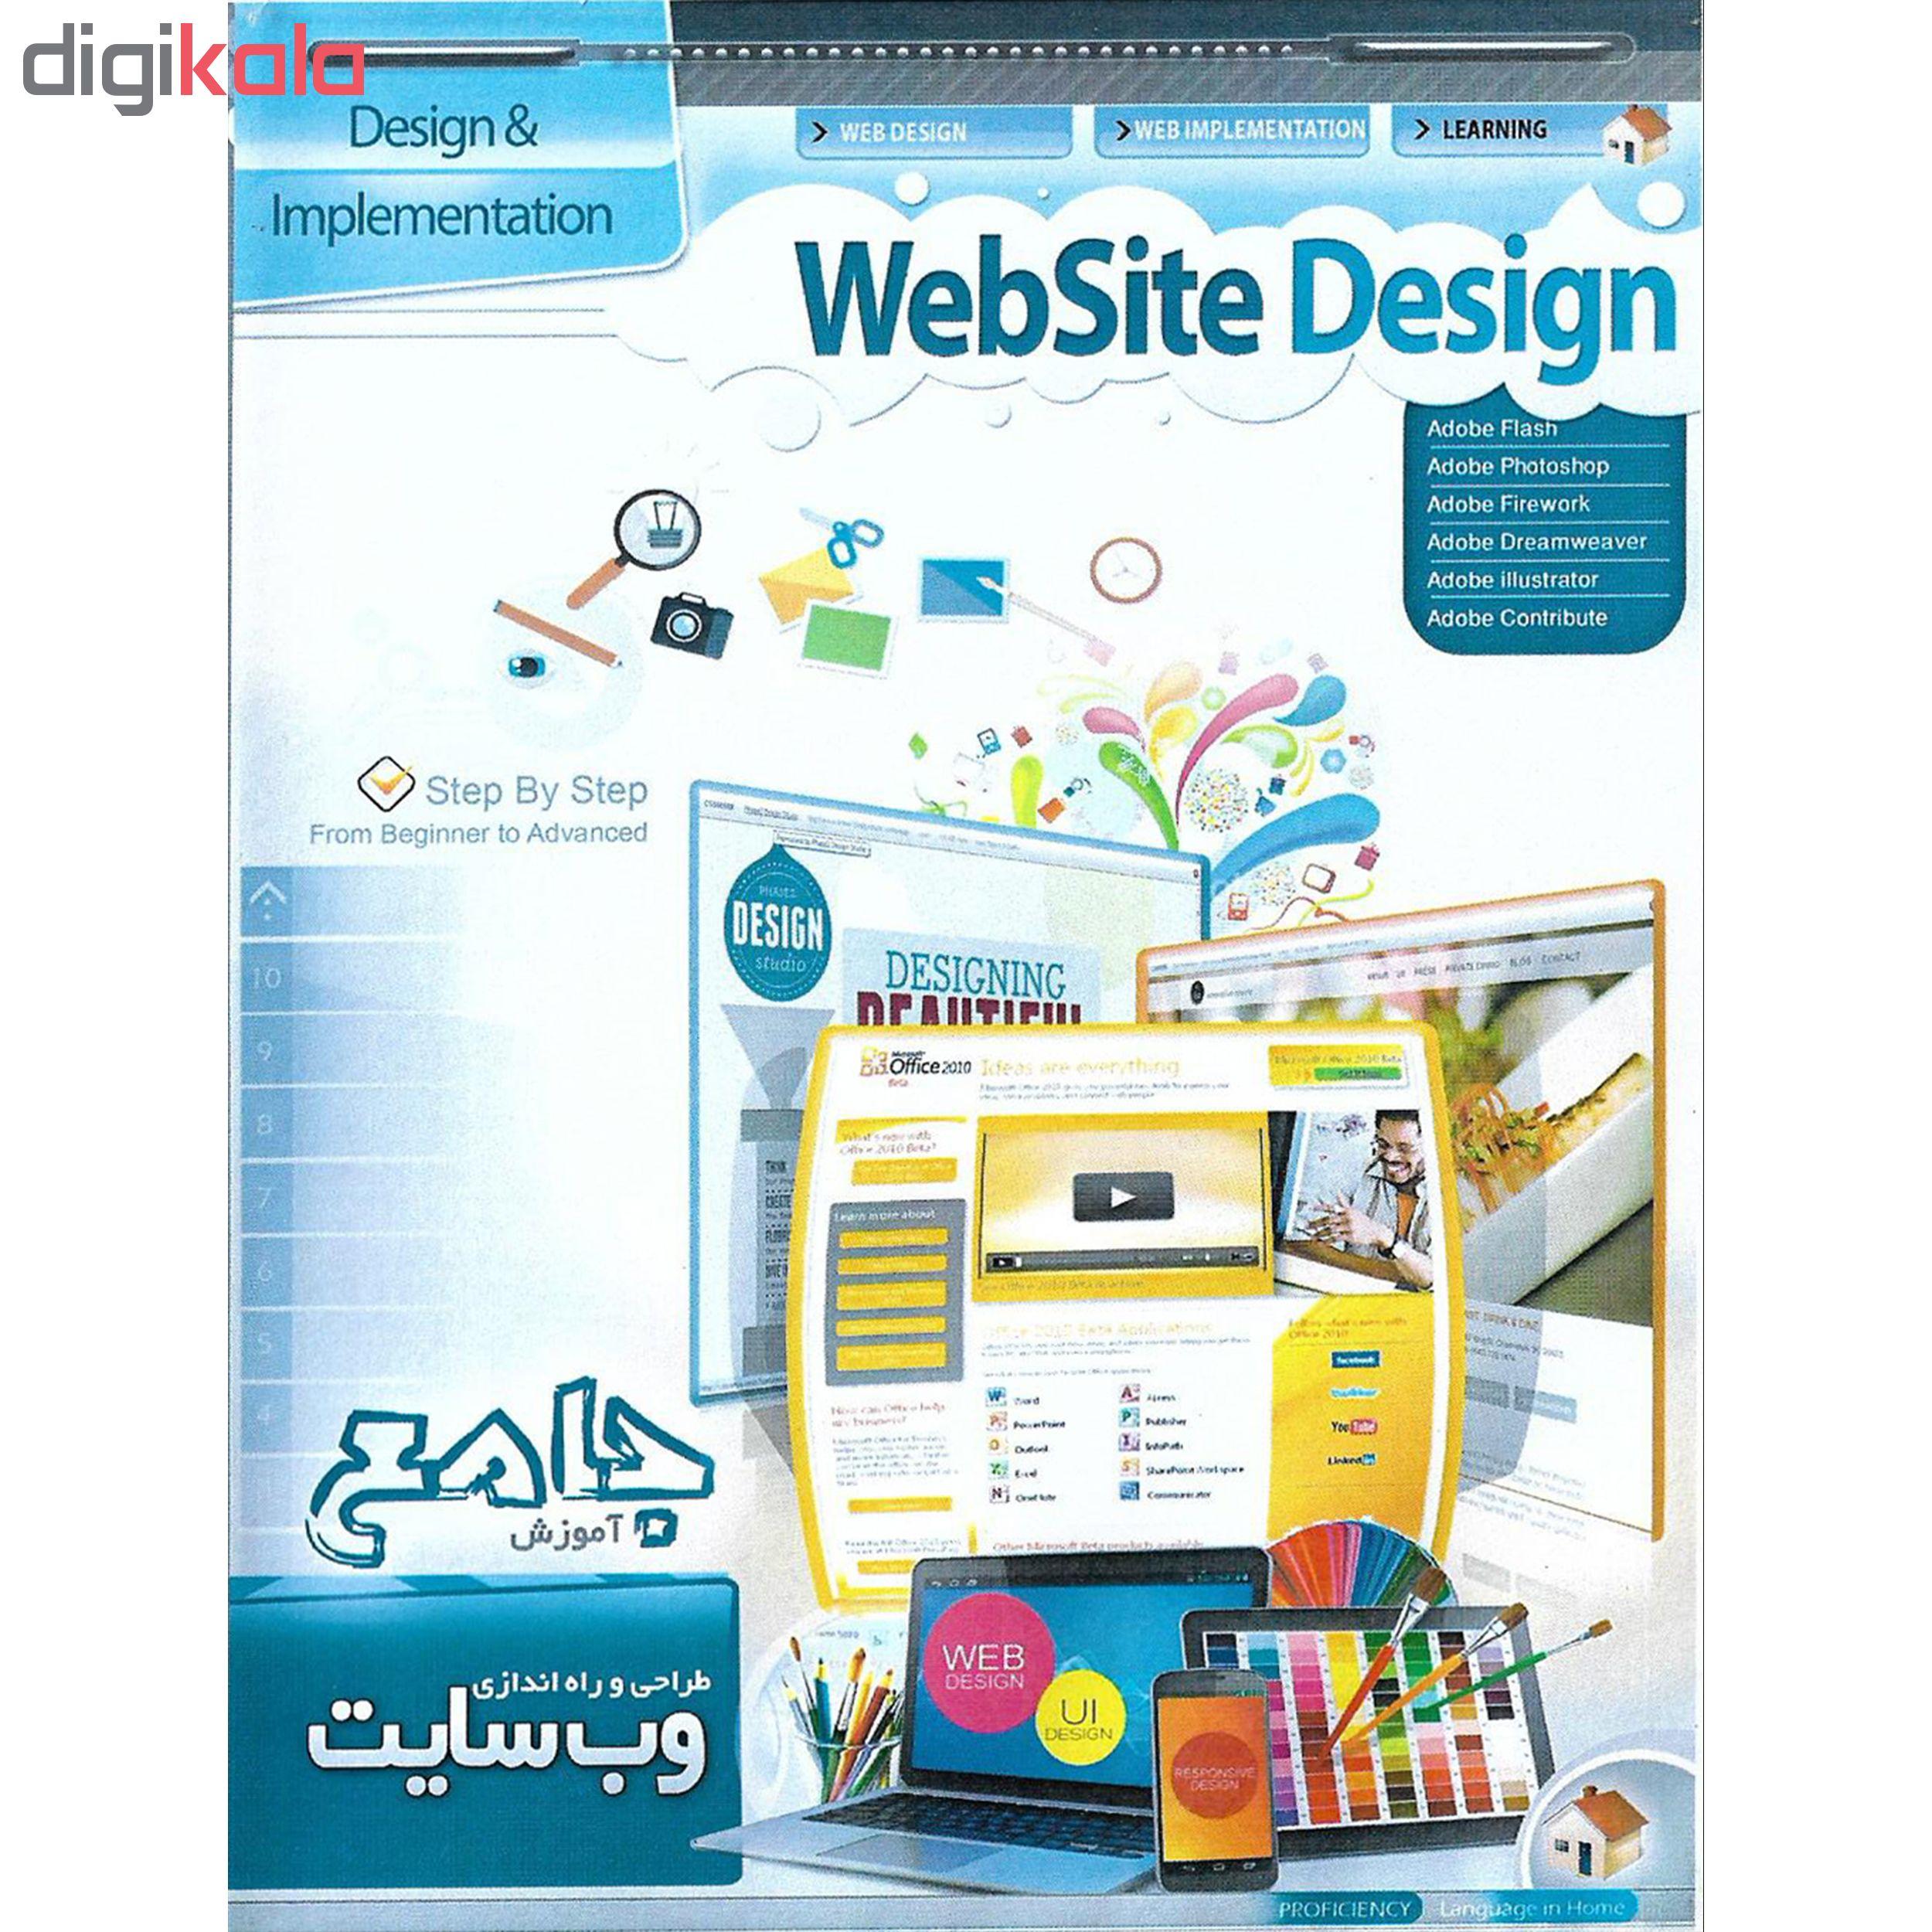 نرم افزار آموزش طراحی و راه اندازی وب سایت نشر پانا به همراه نرم افزار آموزش PHP نشر پدیا سافت